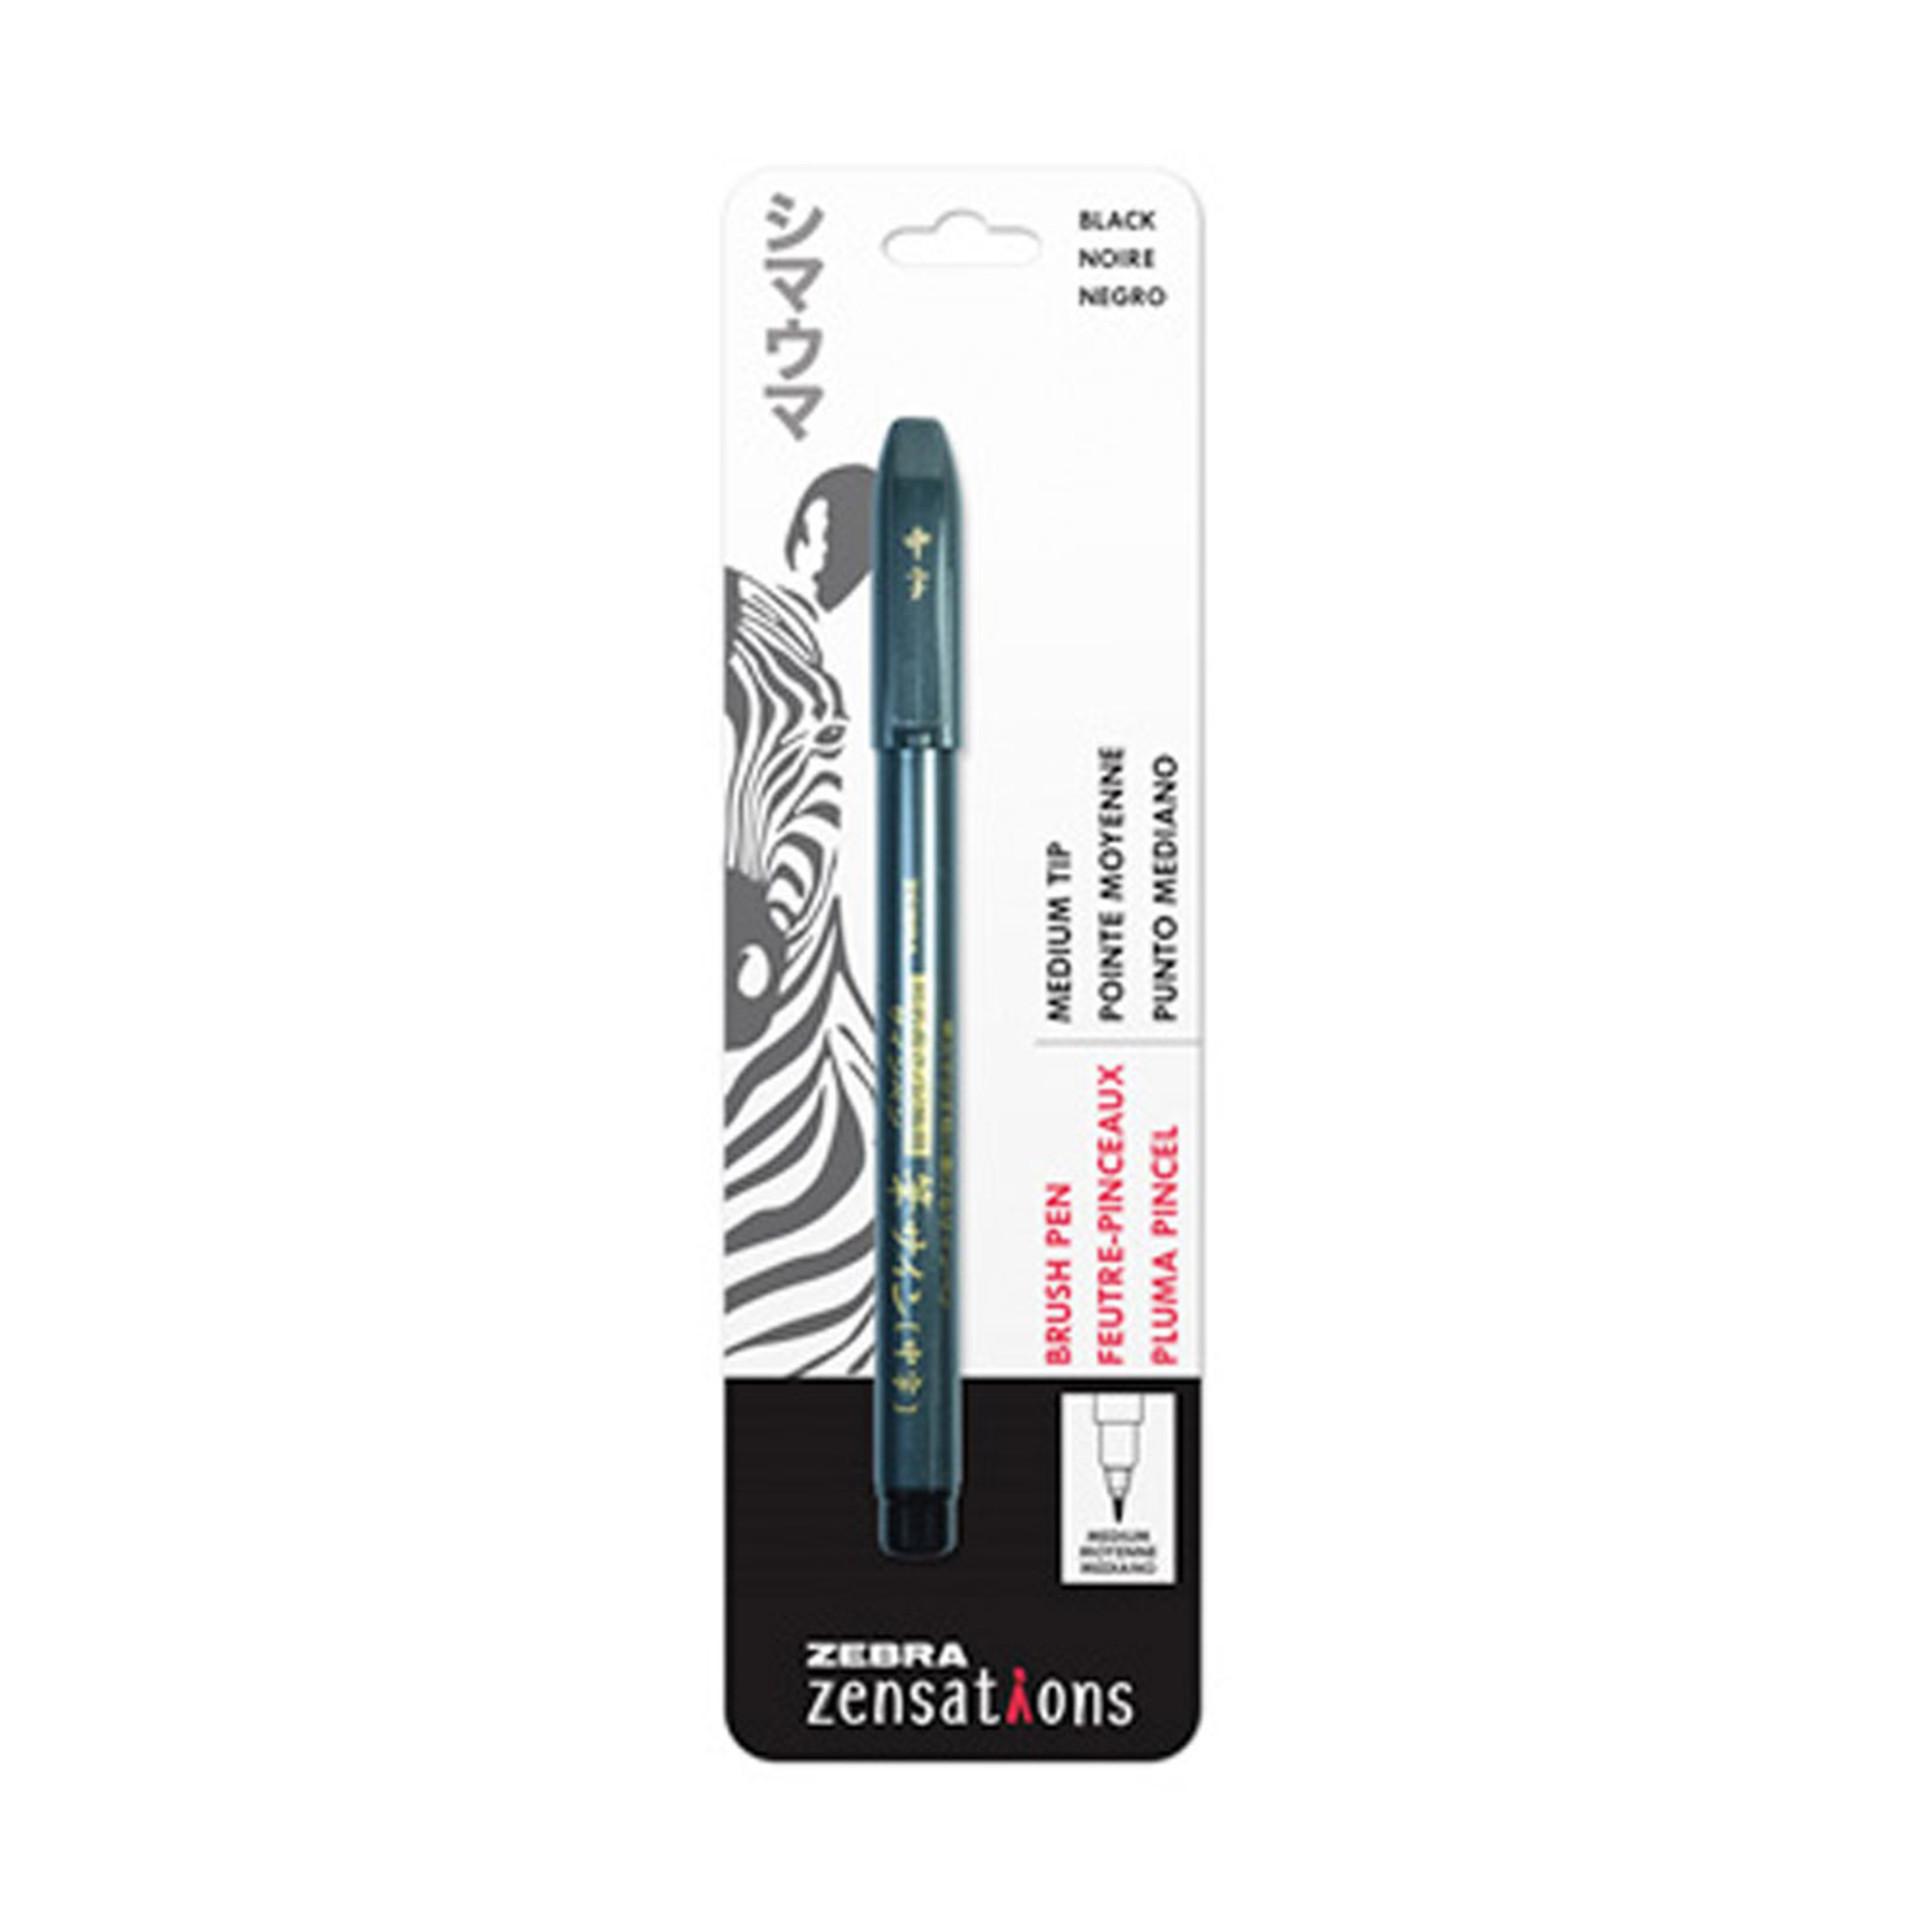 Zebra Zensations Brush Pen Black Medium Point